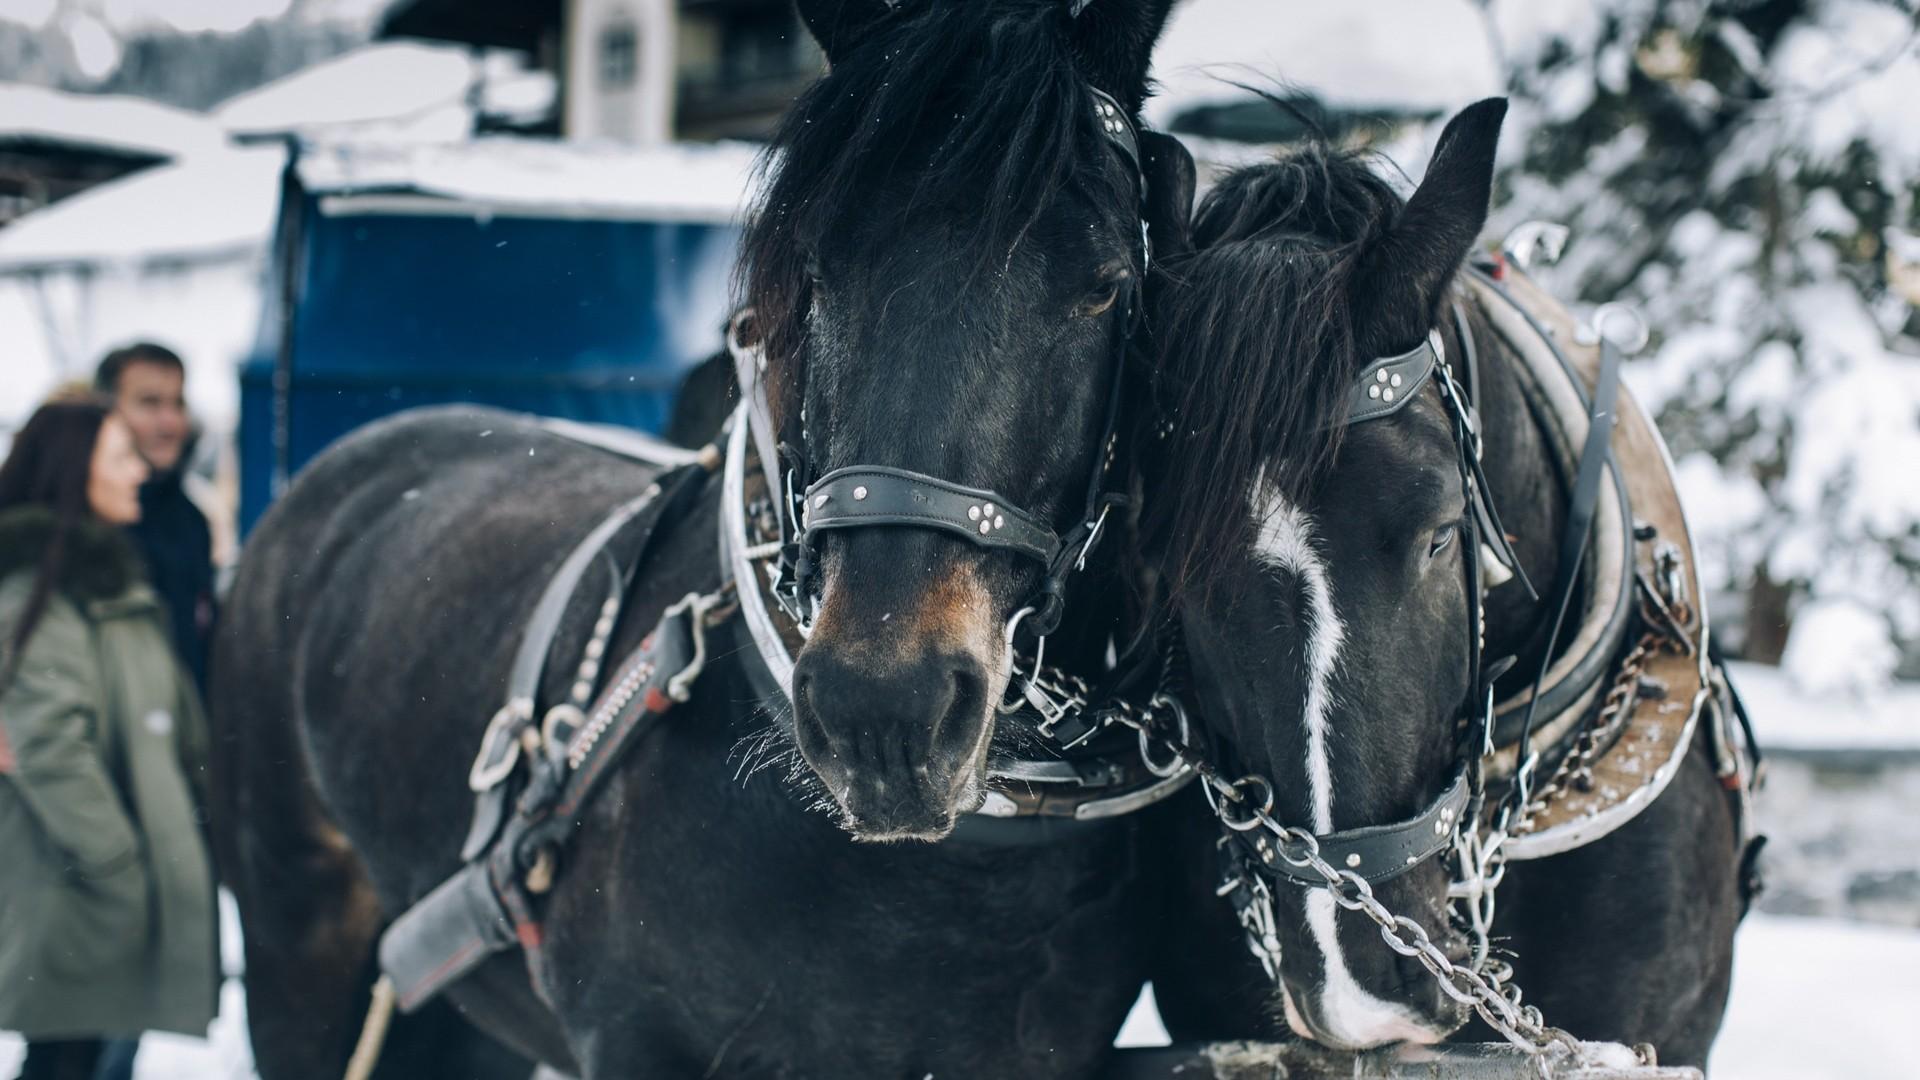 Zwei schöne schwarze Pferde vor einer Holzkutsche in Lech.